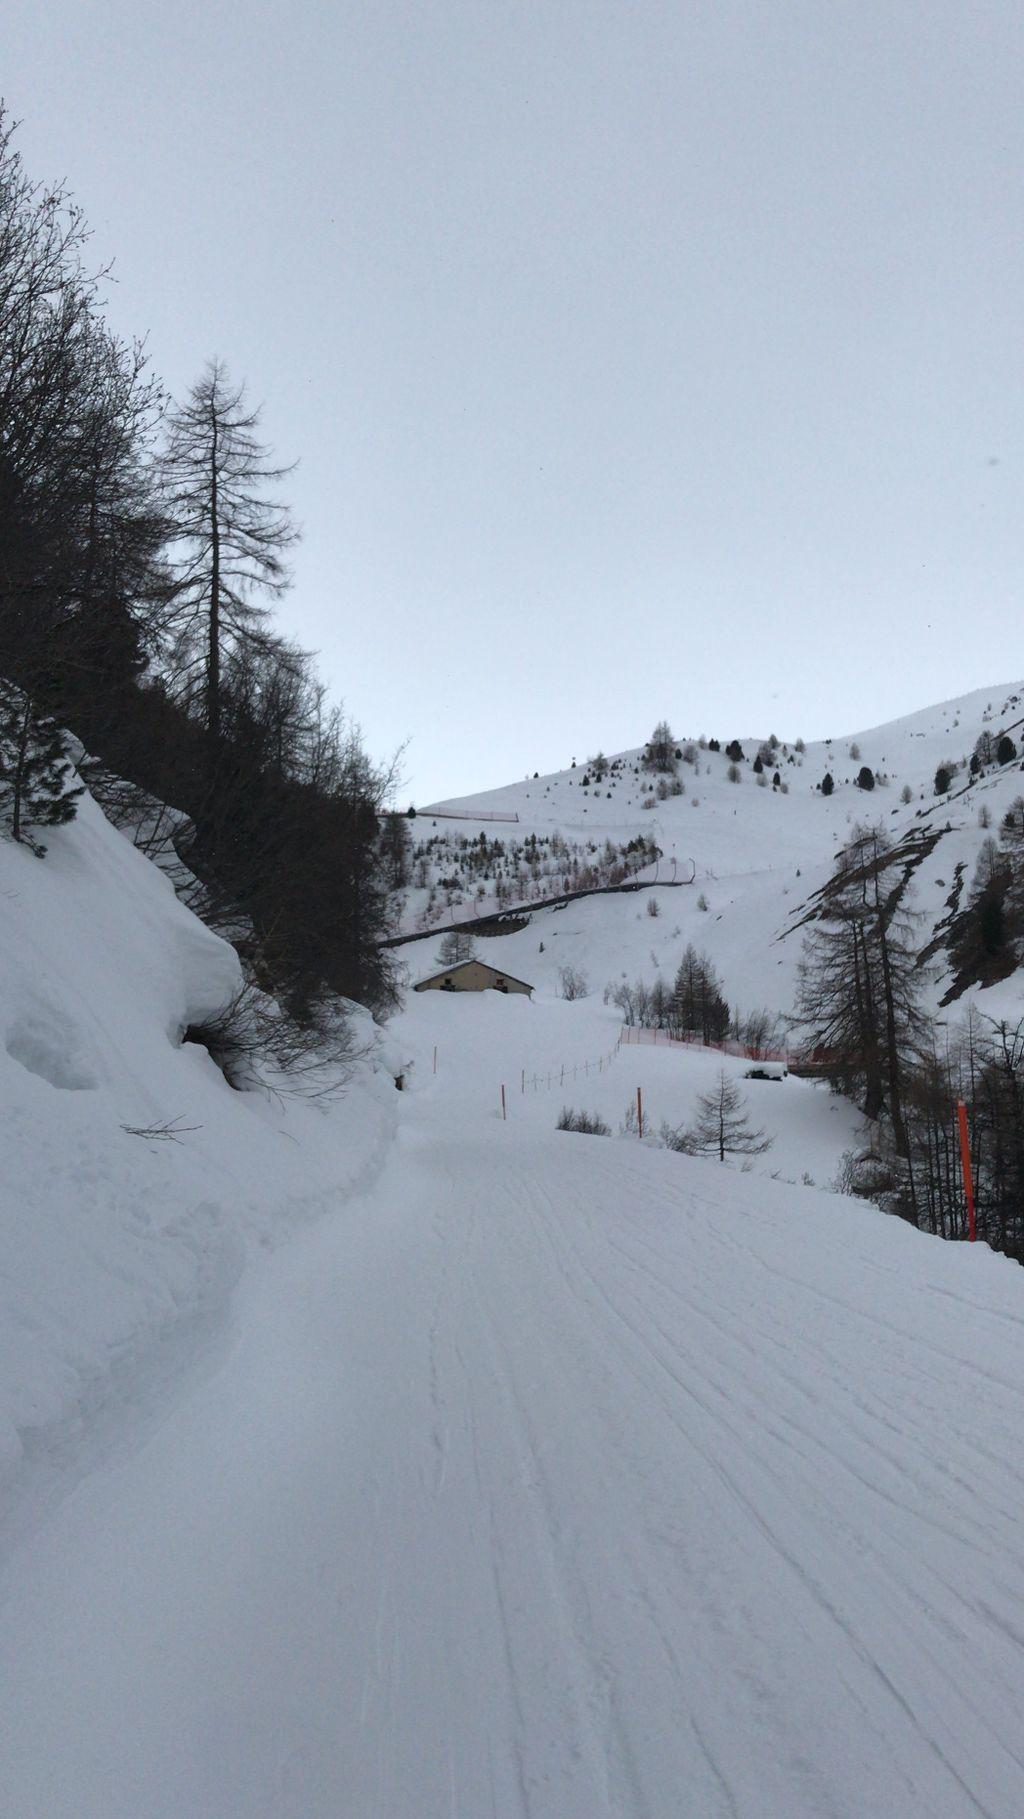 https://cdn.wintersport.nl/forum/26/fdd2a3b3d4a566ab30354169...